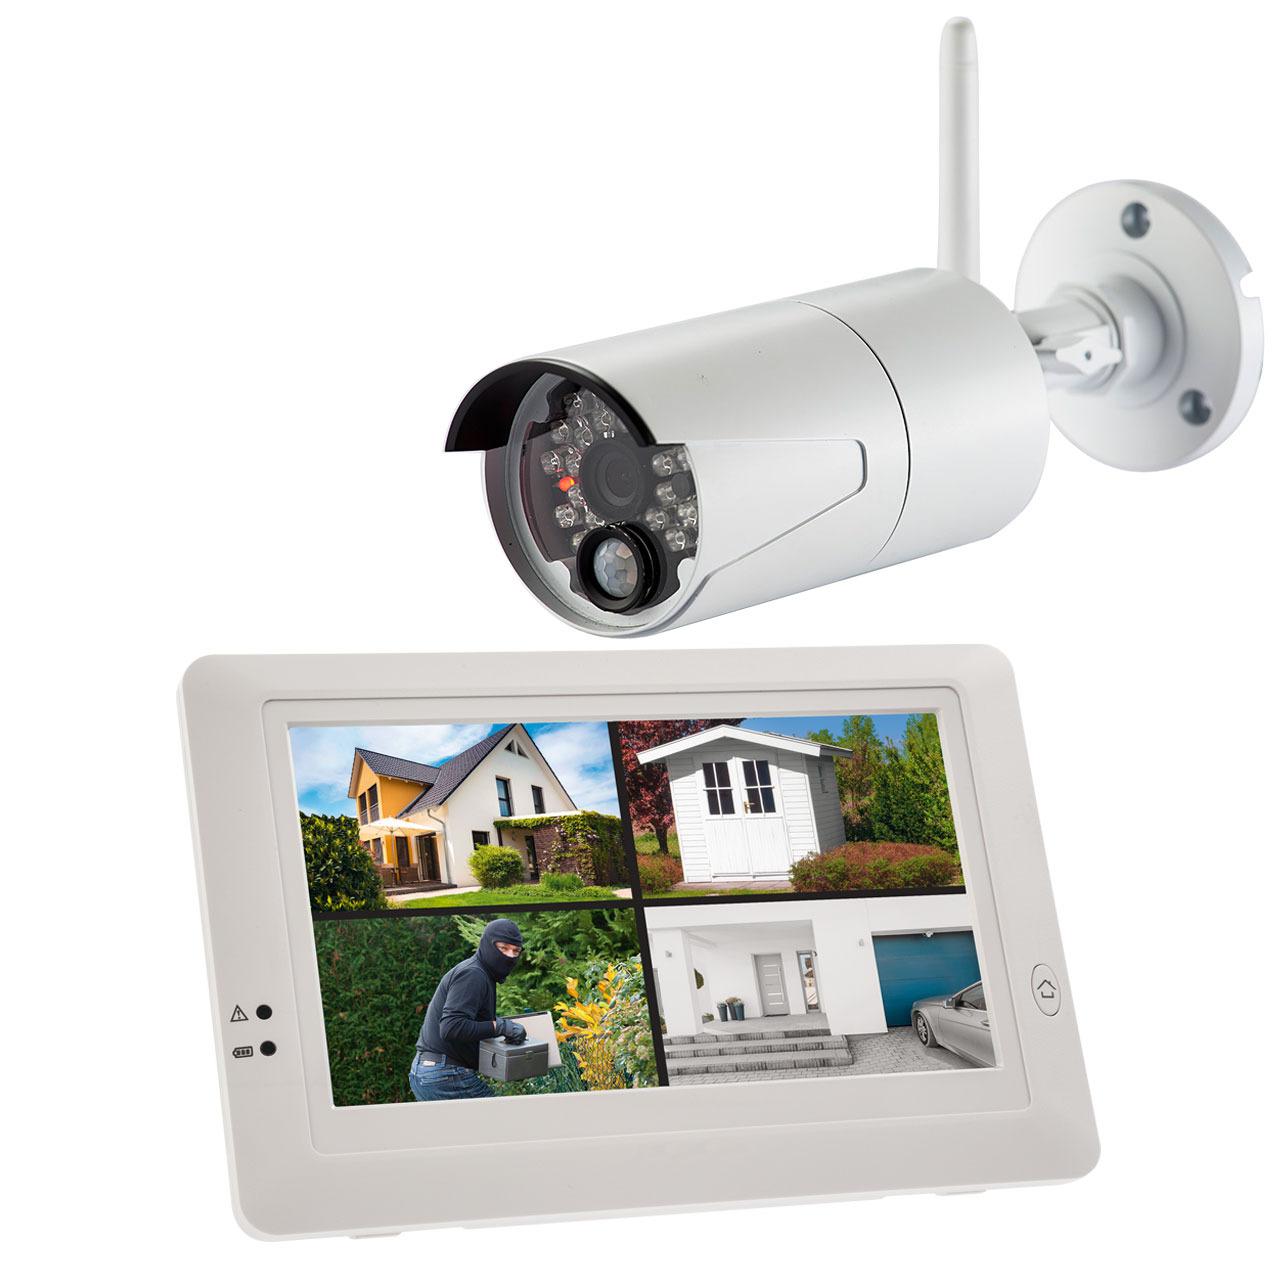 ELV Funk-Kamerasystem KS200 HD- 720p- 2-4 GHz- mit App-Zugriff (iOS und Android)